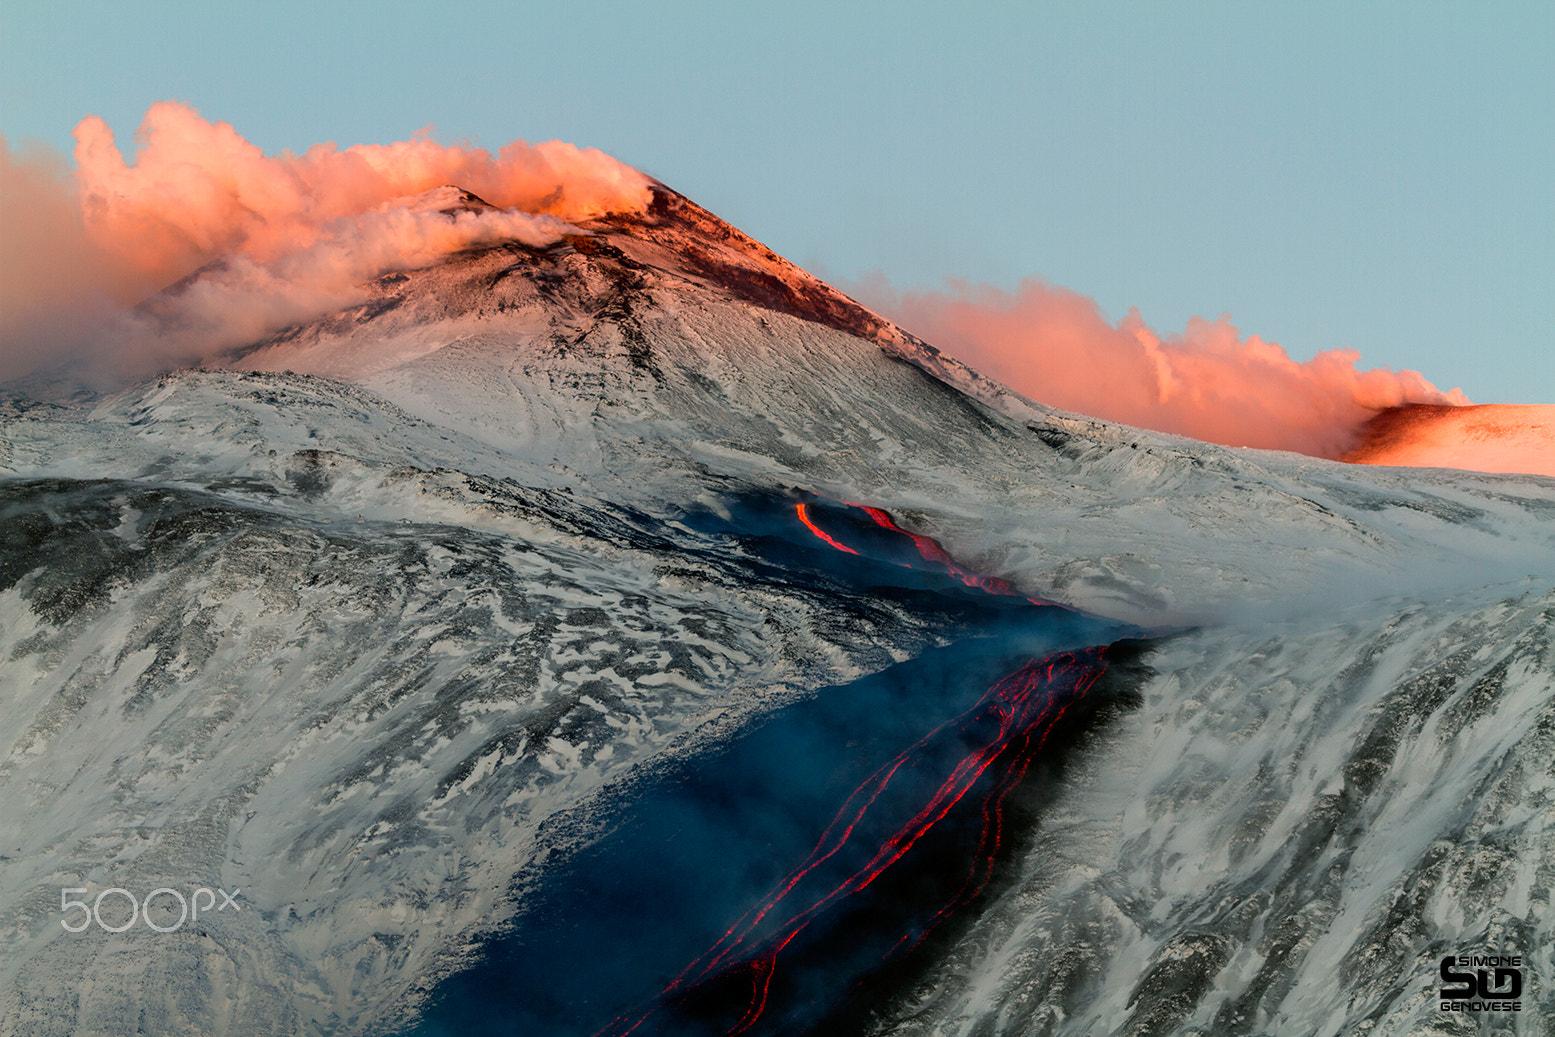 Eruzione vulcanica all'alba